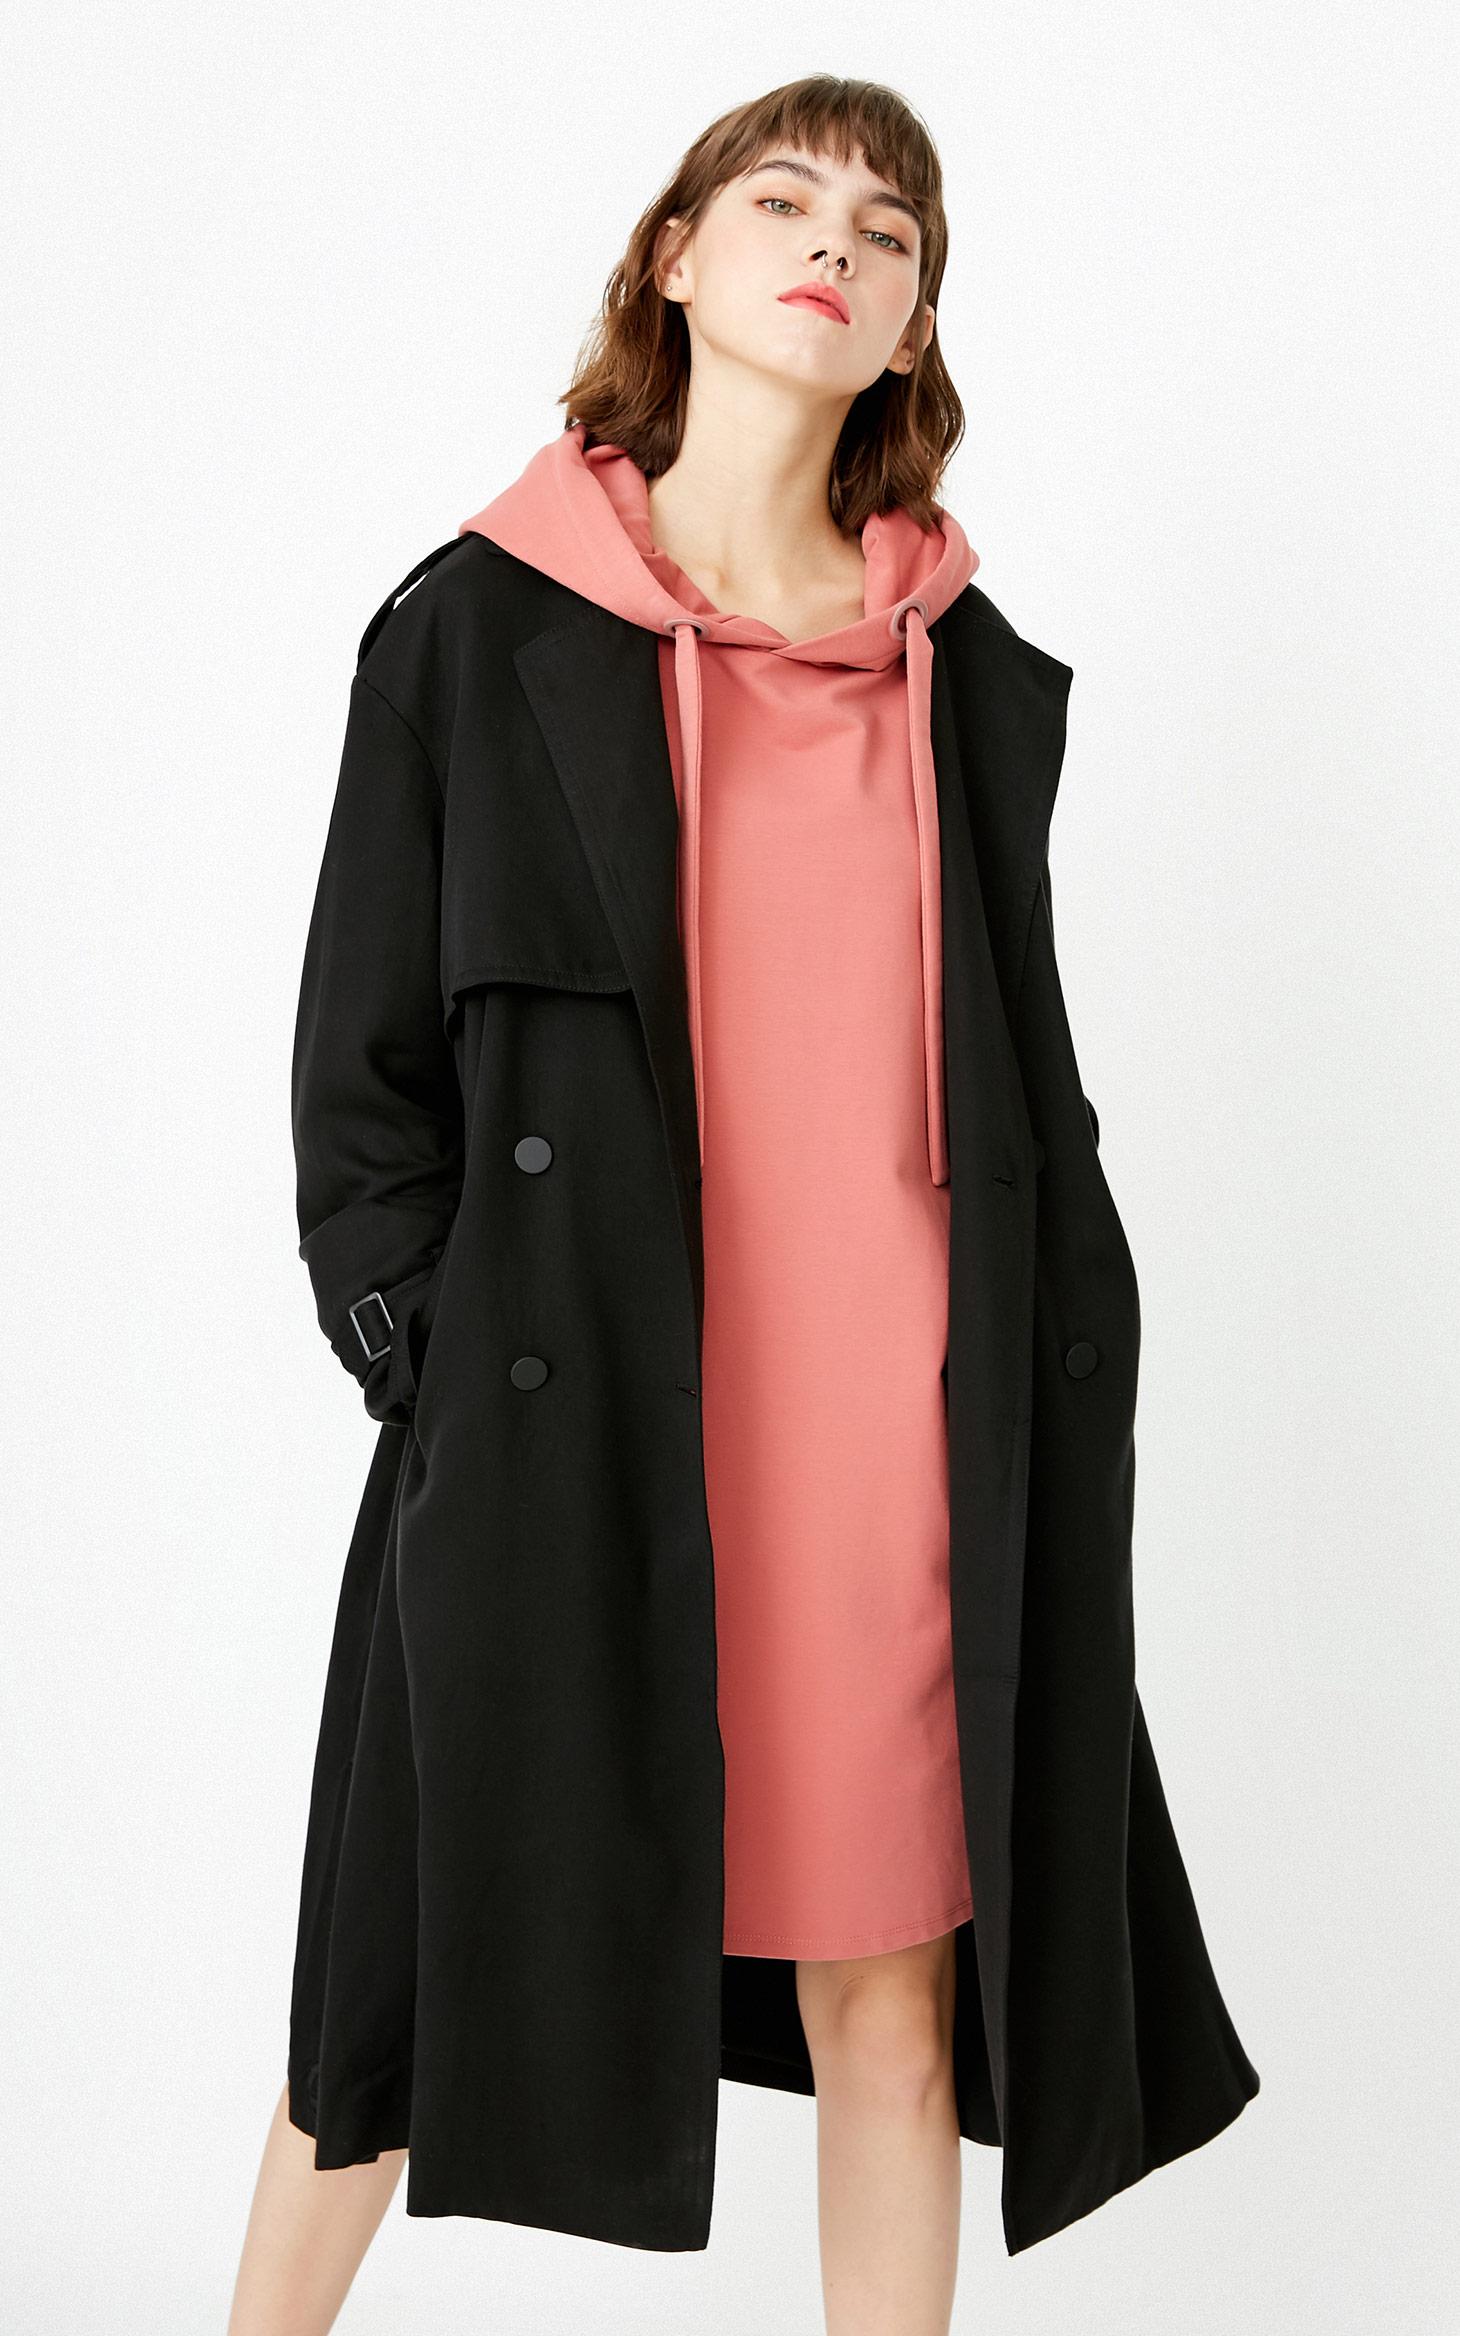 双排扣腰带设计风衣外套